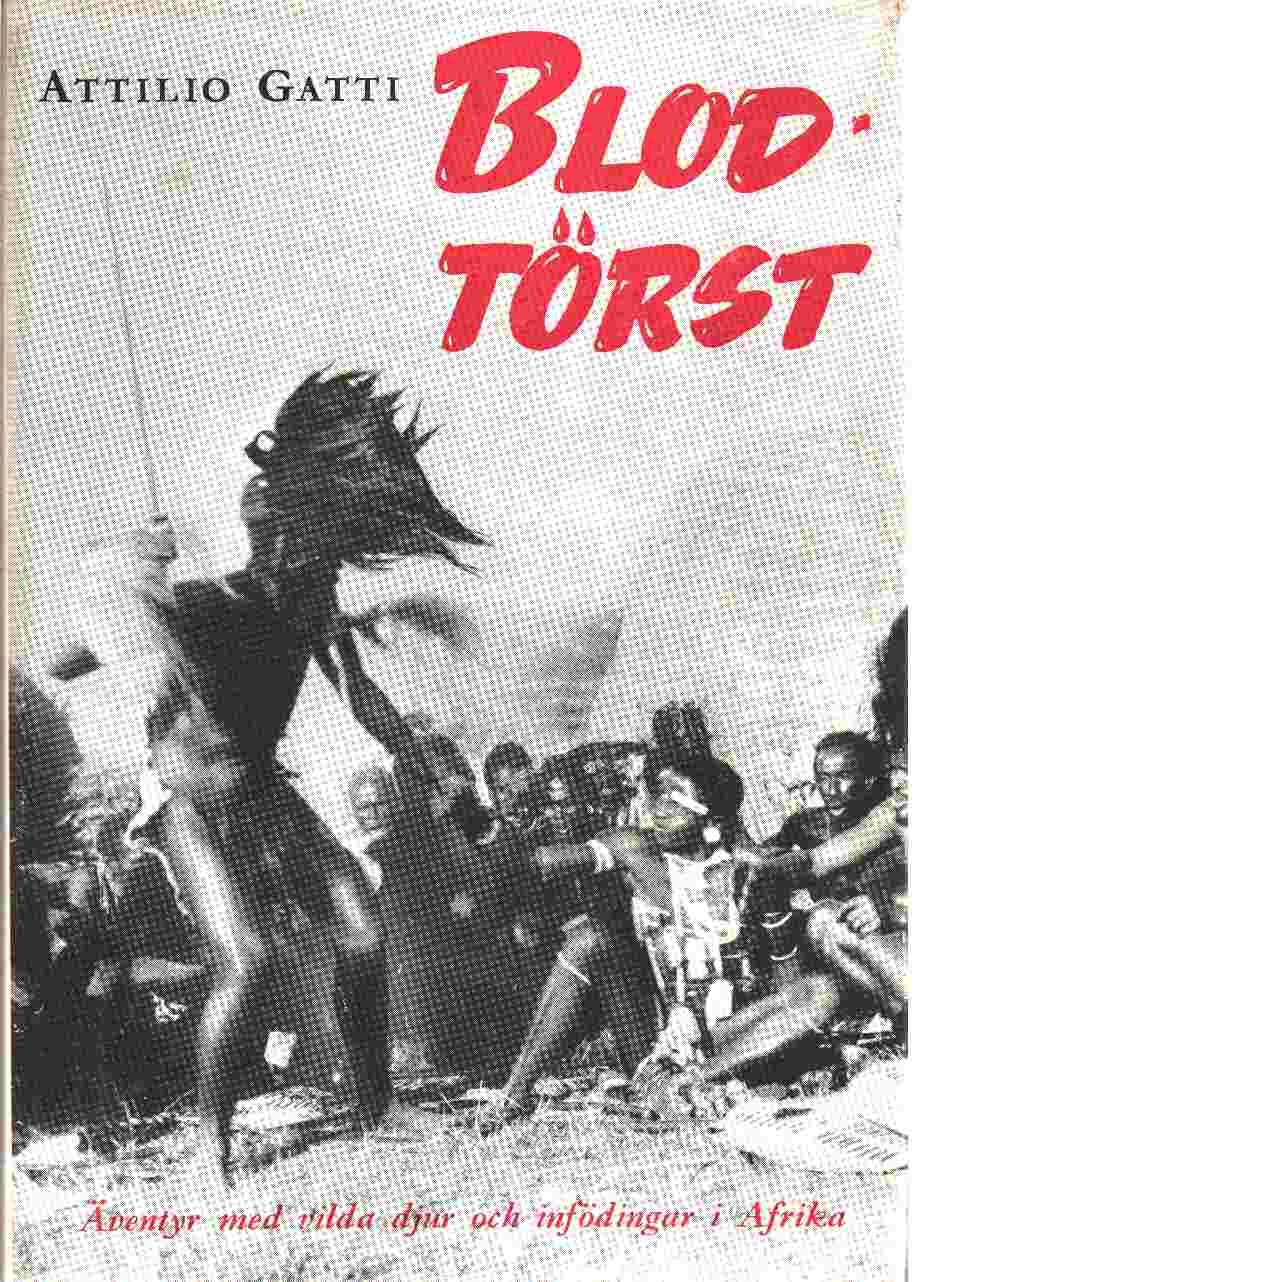 Blodtörst - Gatti, Attilio